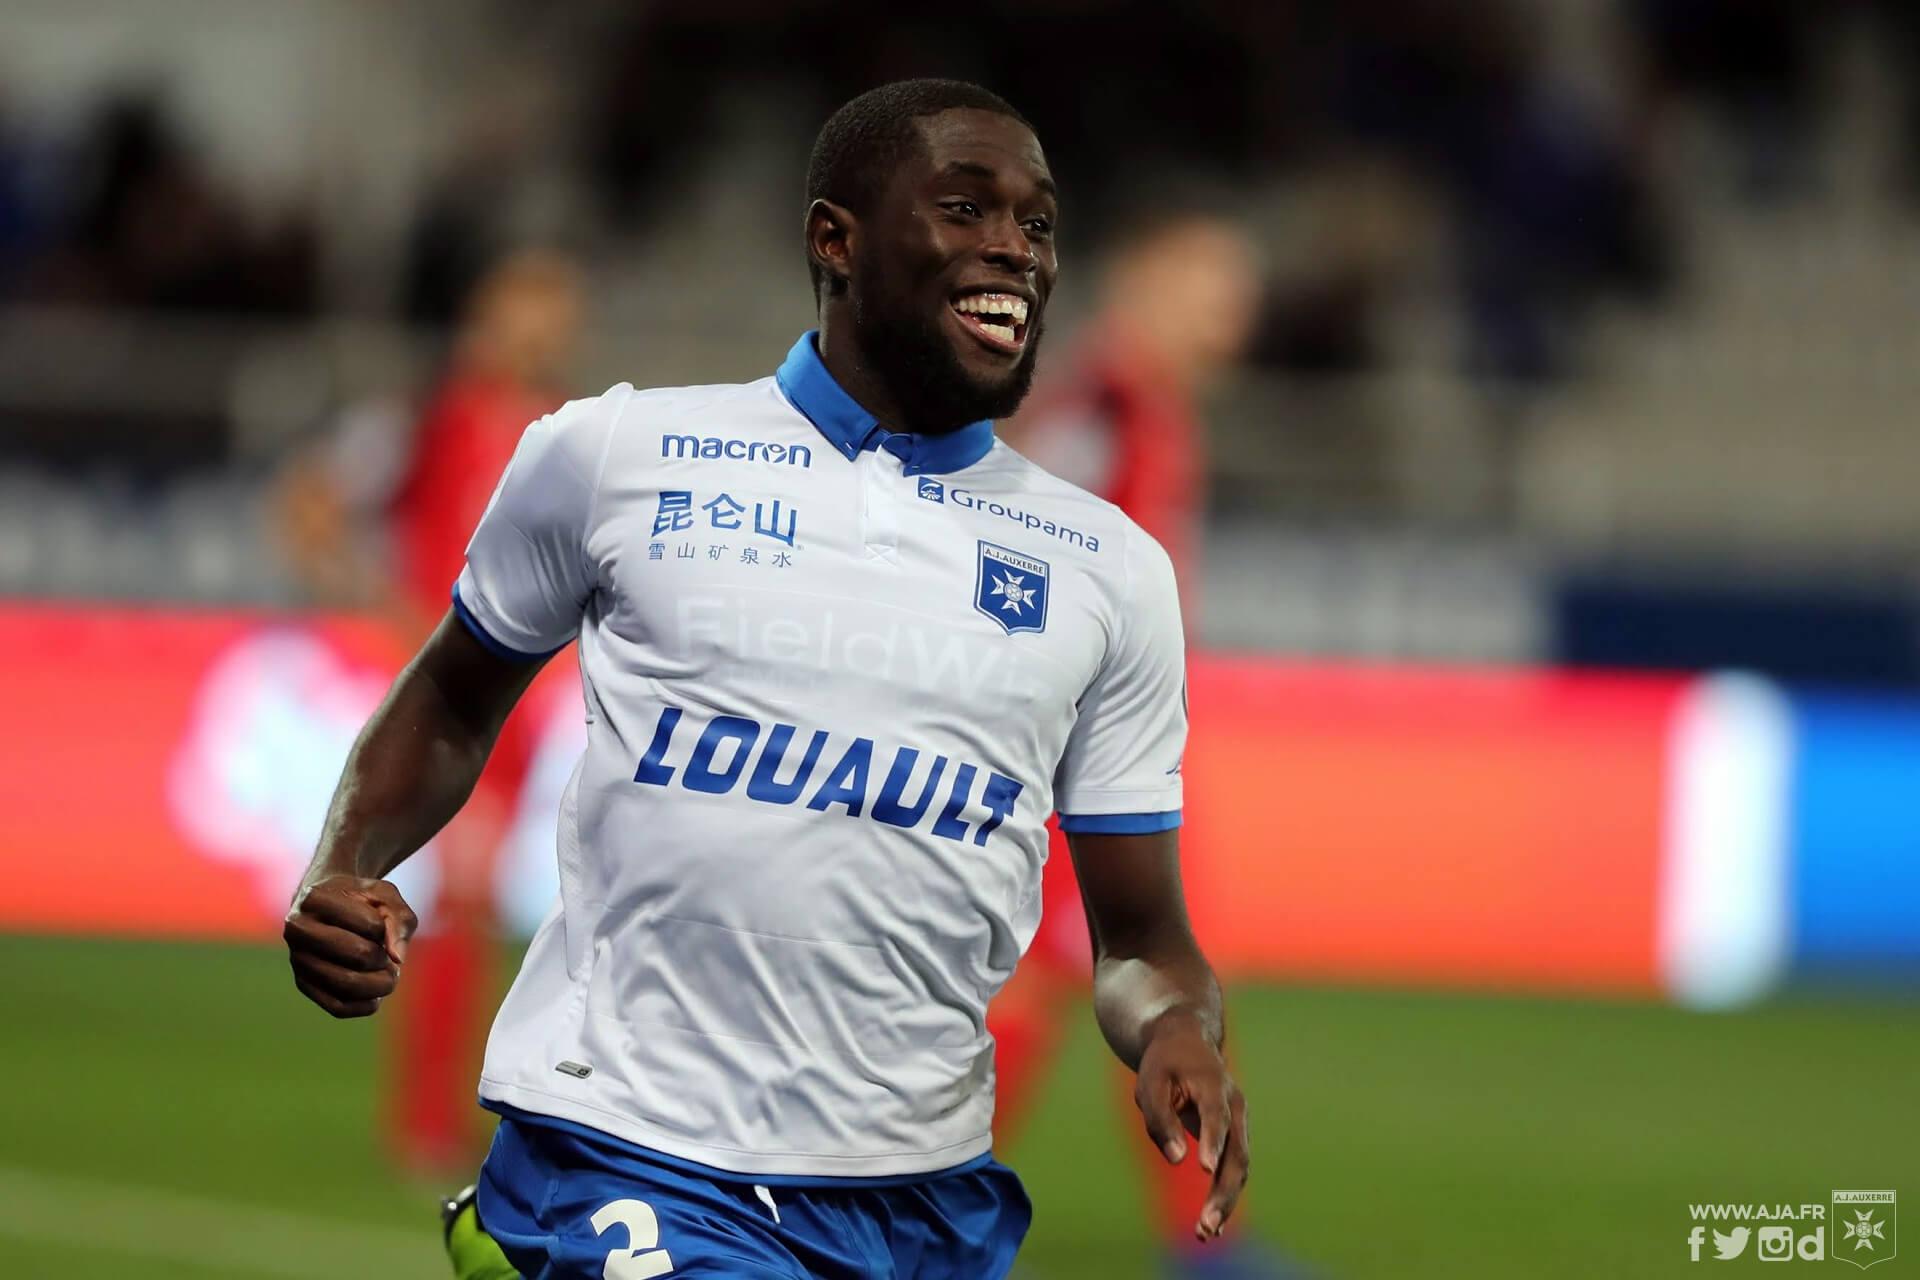 Le défenseur haïtien Carlens Arcus. Photo: AJ Auxerre